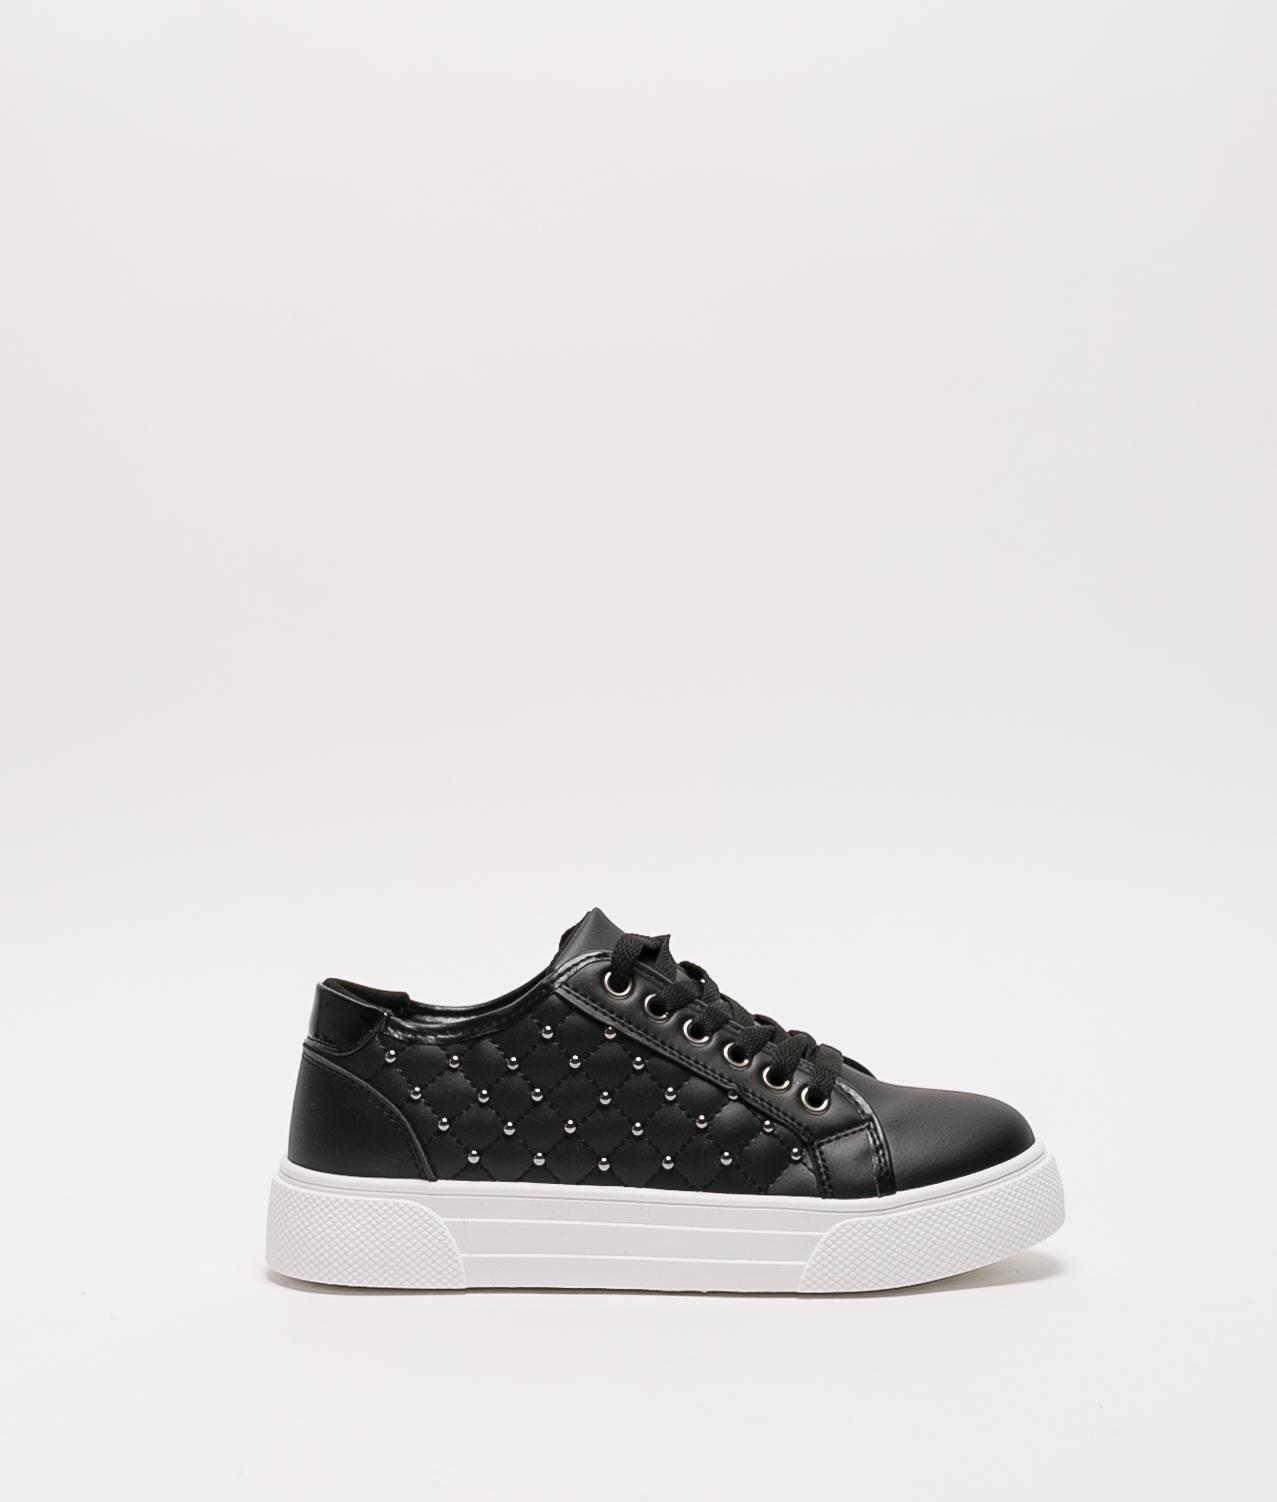 Sneakers TENDI - NOIR